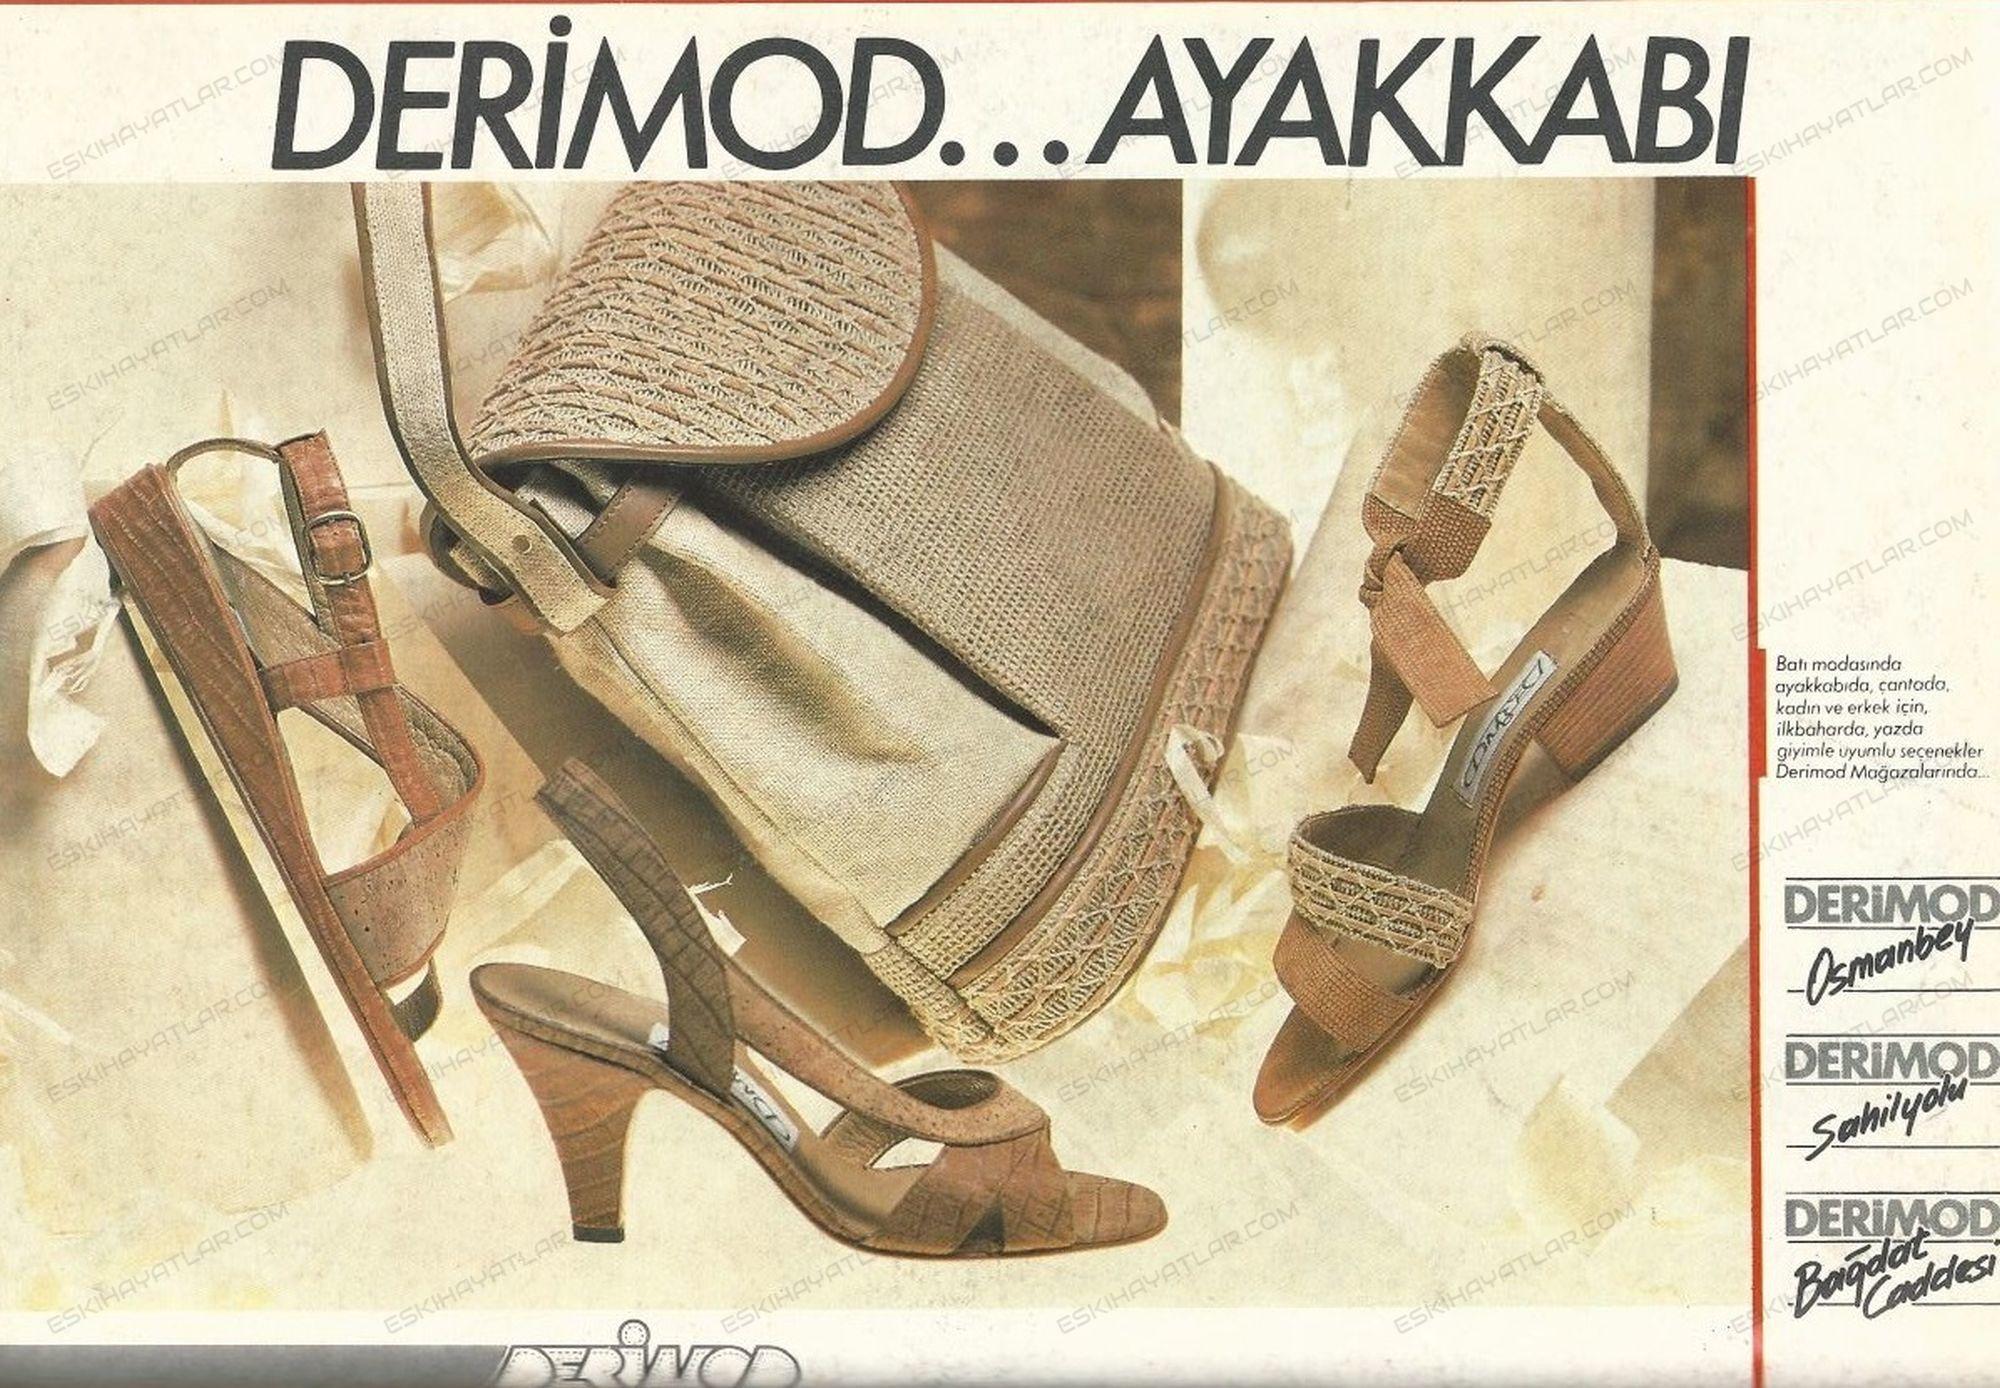 0584-derimod-eski-reklamlari-1984-yilinda-kadin-ayakkabilari-umit-zaim-koleksiyonu